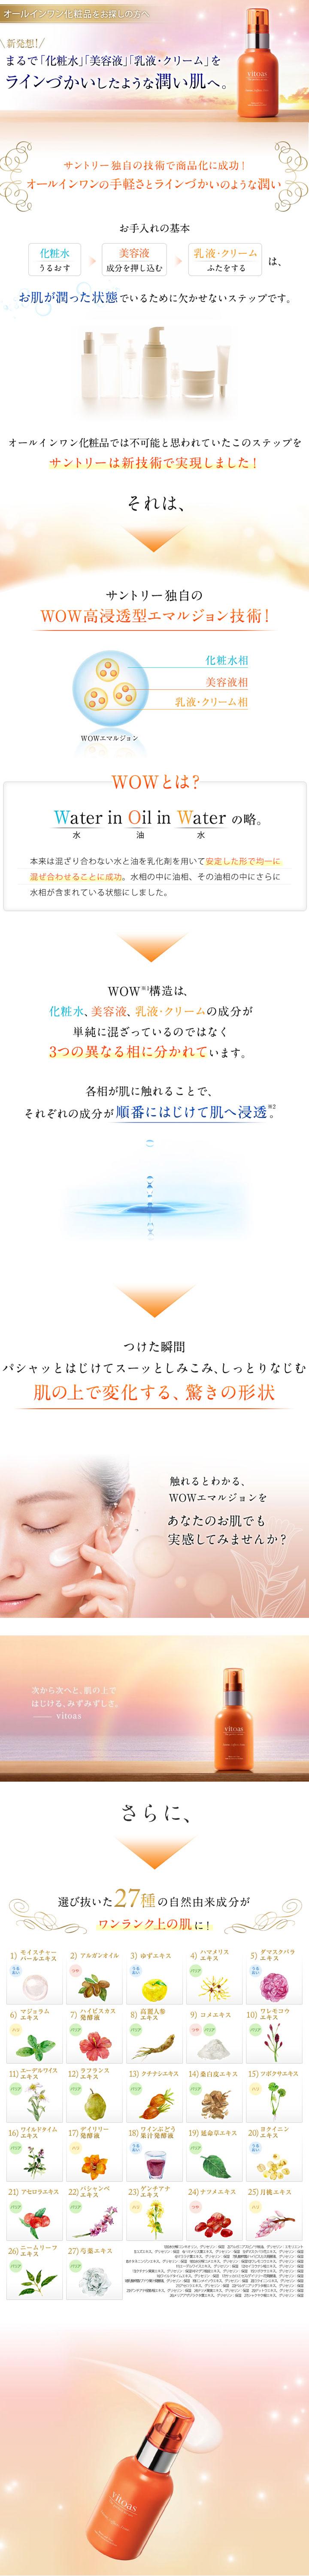 SuntoryVitoasAllInOne.jpg